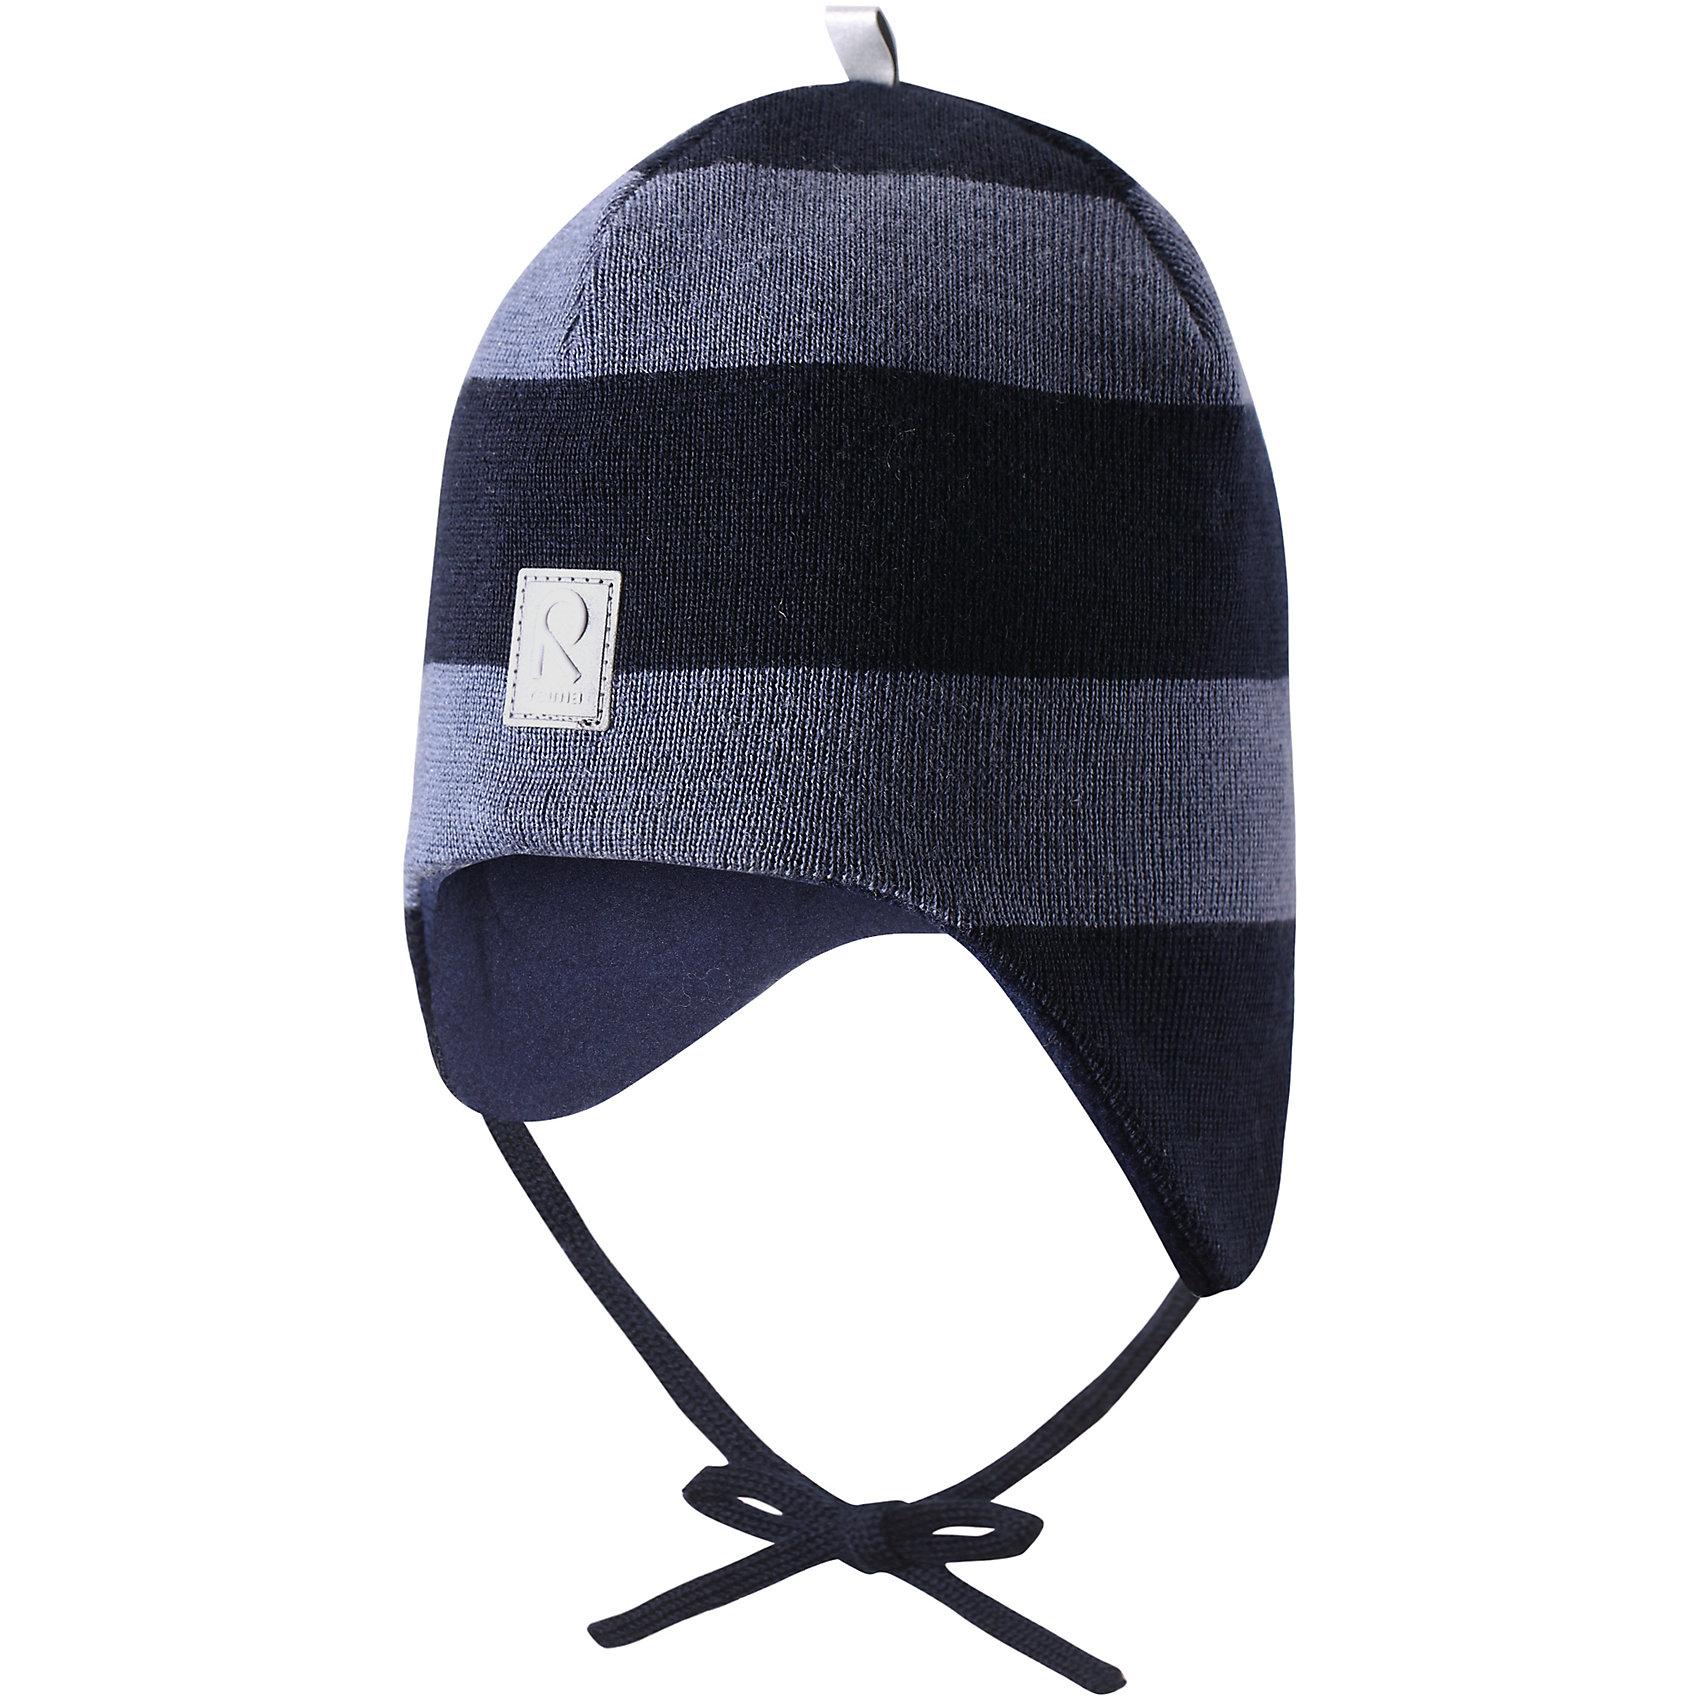 Шапка Auva для мальчика ReimaШапки и шарфы<br>Шапка  Reima<br>Шапка «Бини» для малышей. Мягкая ткань из мериносовой шерсти для поддержания идеальной температуры тела. Теплая шерстяная вязка (волокно). Основной материал сертифицирован Oeko-Tex, класс 1, одежда для малышей. Ветронепроницаемые вставки в области ушей. Любые размеры. Мягкая теплая подкладка из поларфлиса. Светоотражающие детали сверху.<br>Уход:<br>Стирать по отдельности, вывернув наизнанку. Придать первоначальную форму вo влажном виде. Возможна усадка 5 %.<br>Состав:<br>100% Шерсть<br><br>Ширина мм: 89<br>Глубина мм: 117<br>Высота мм: 44<br>Вес г: 155<br>Цвет: синий<br>Возраст от месяцев: 9<br>Возраст до месяцев: 18<br>Пол: Мужской<br>Возраст: Детский<br>Размер: 48,50,52,46<br>SKU: 4777082